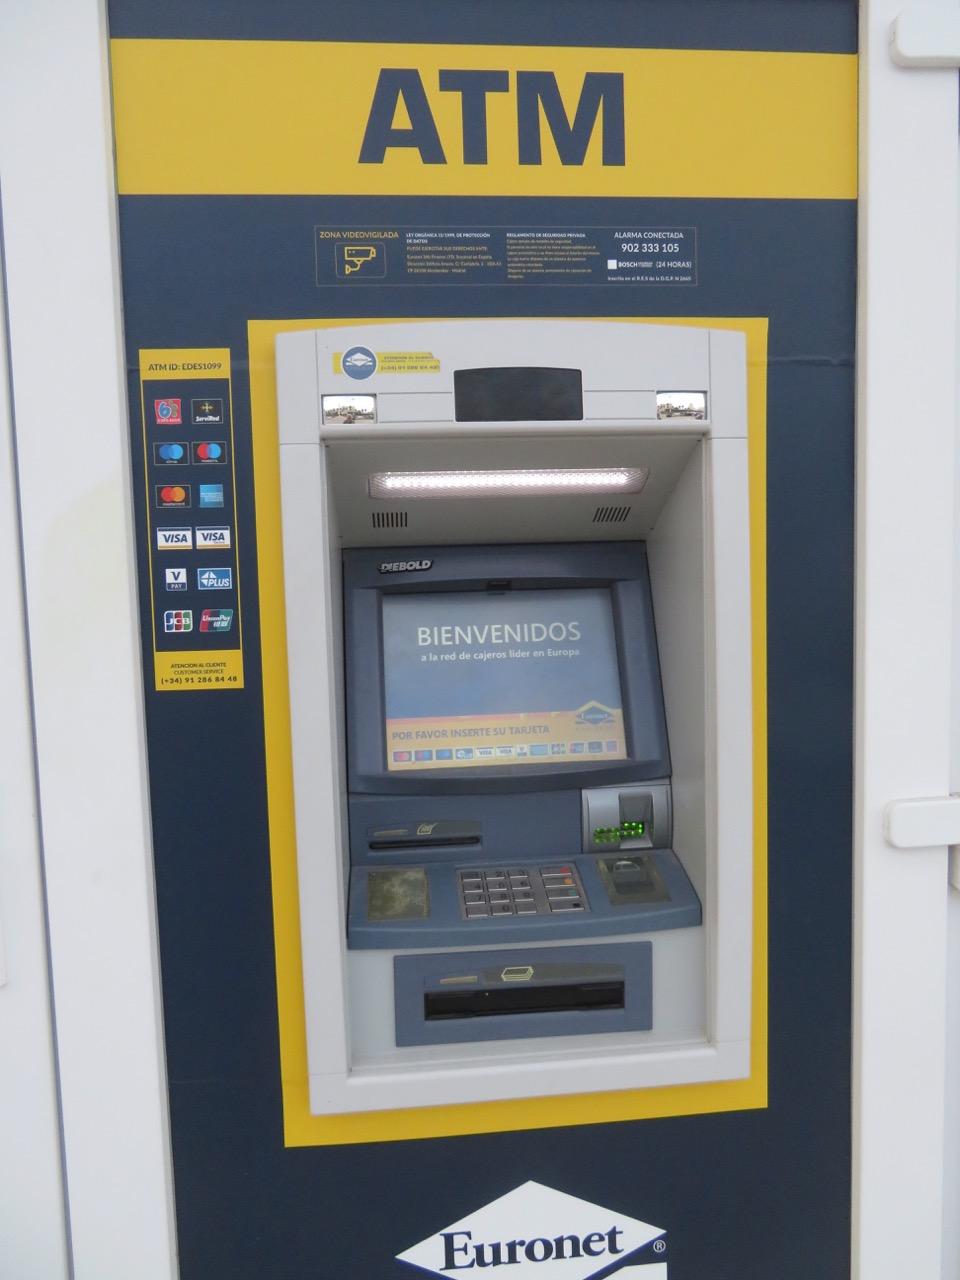 Bakkomater är ofta idag det som gäller när man ska tar ut pengar. De ersätter många gånger den kassa i en bank där man förr tog ut pengar.